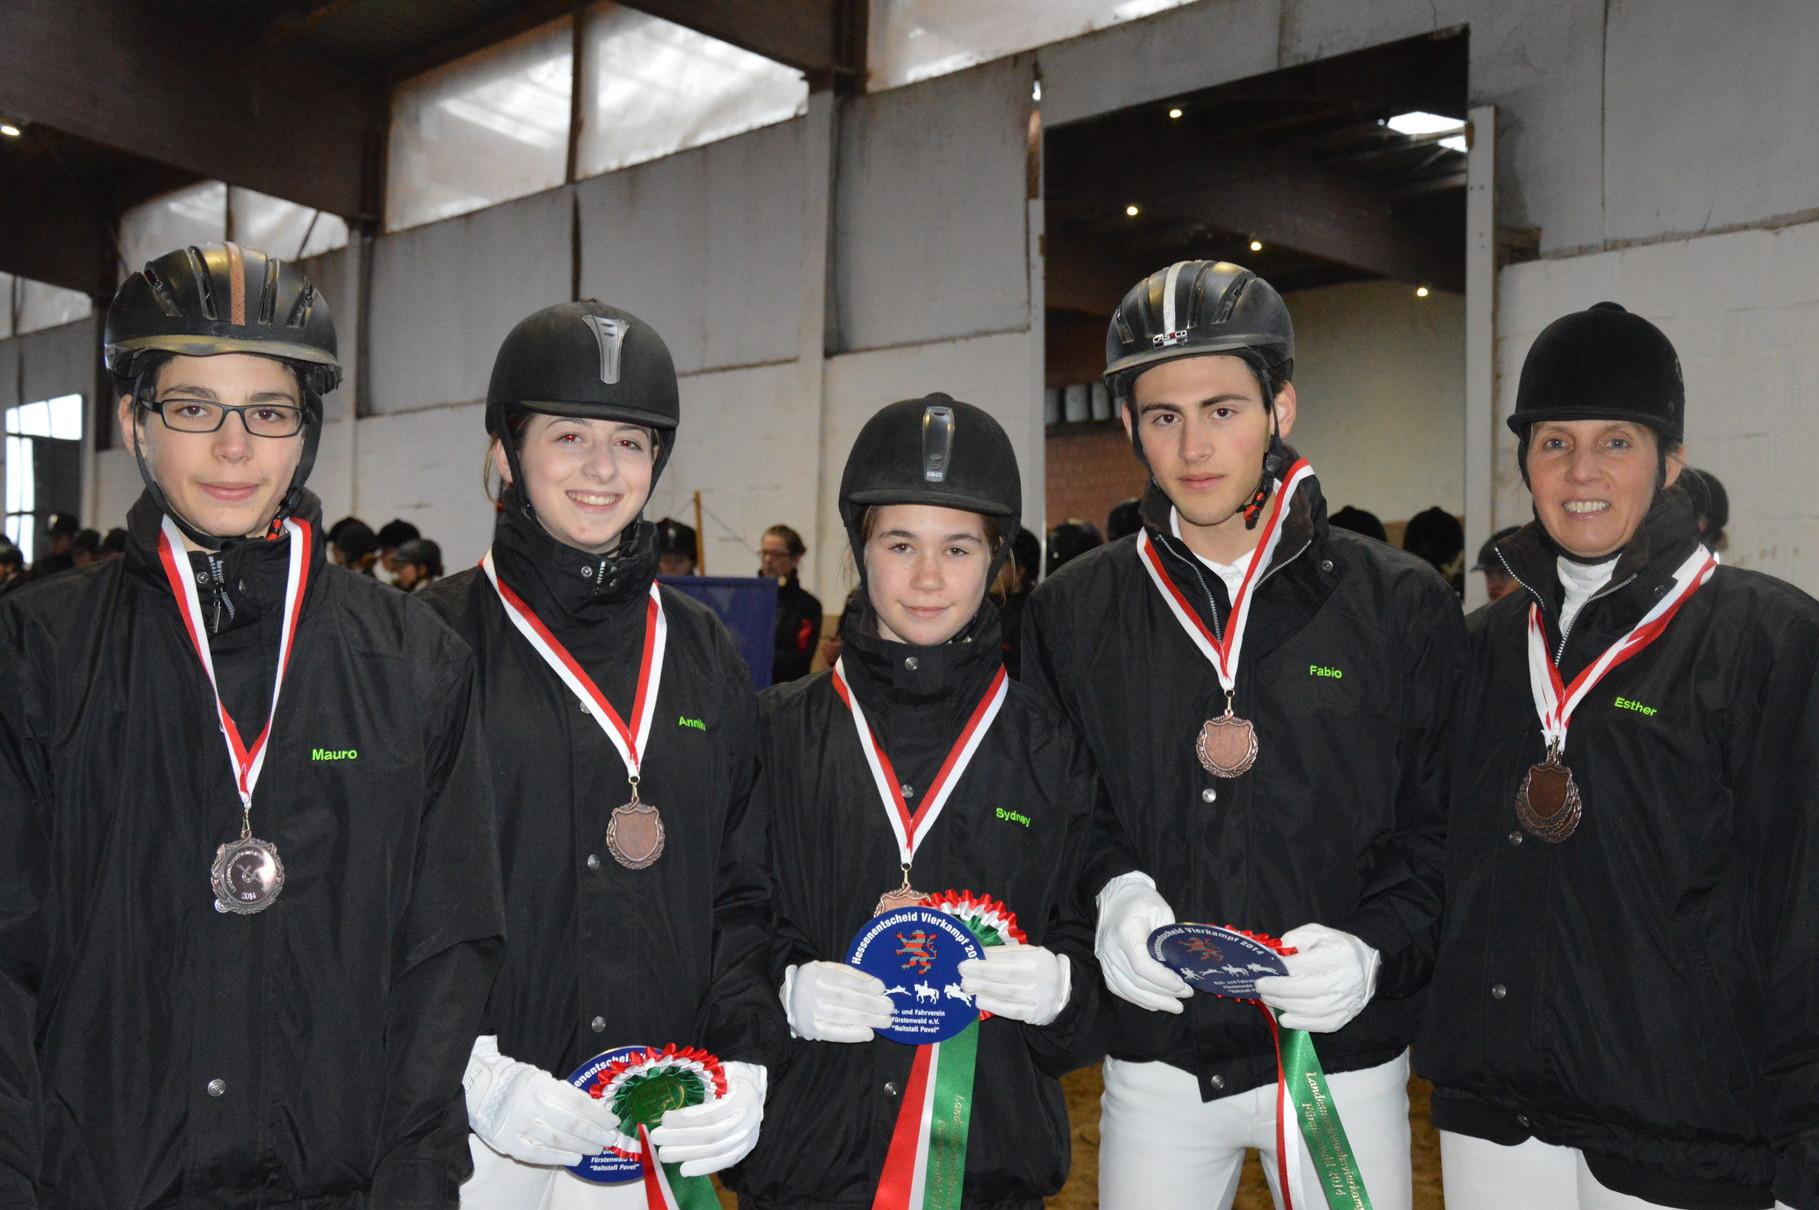 E-Mannschaft 3 mit: Mauro, Annika, Sydney und Fabio